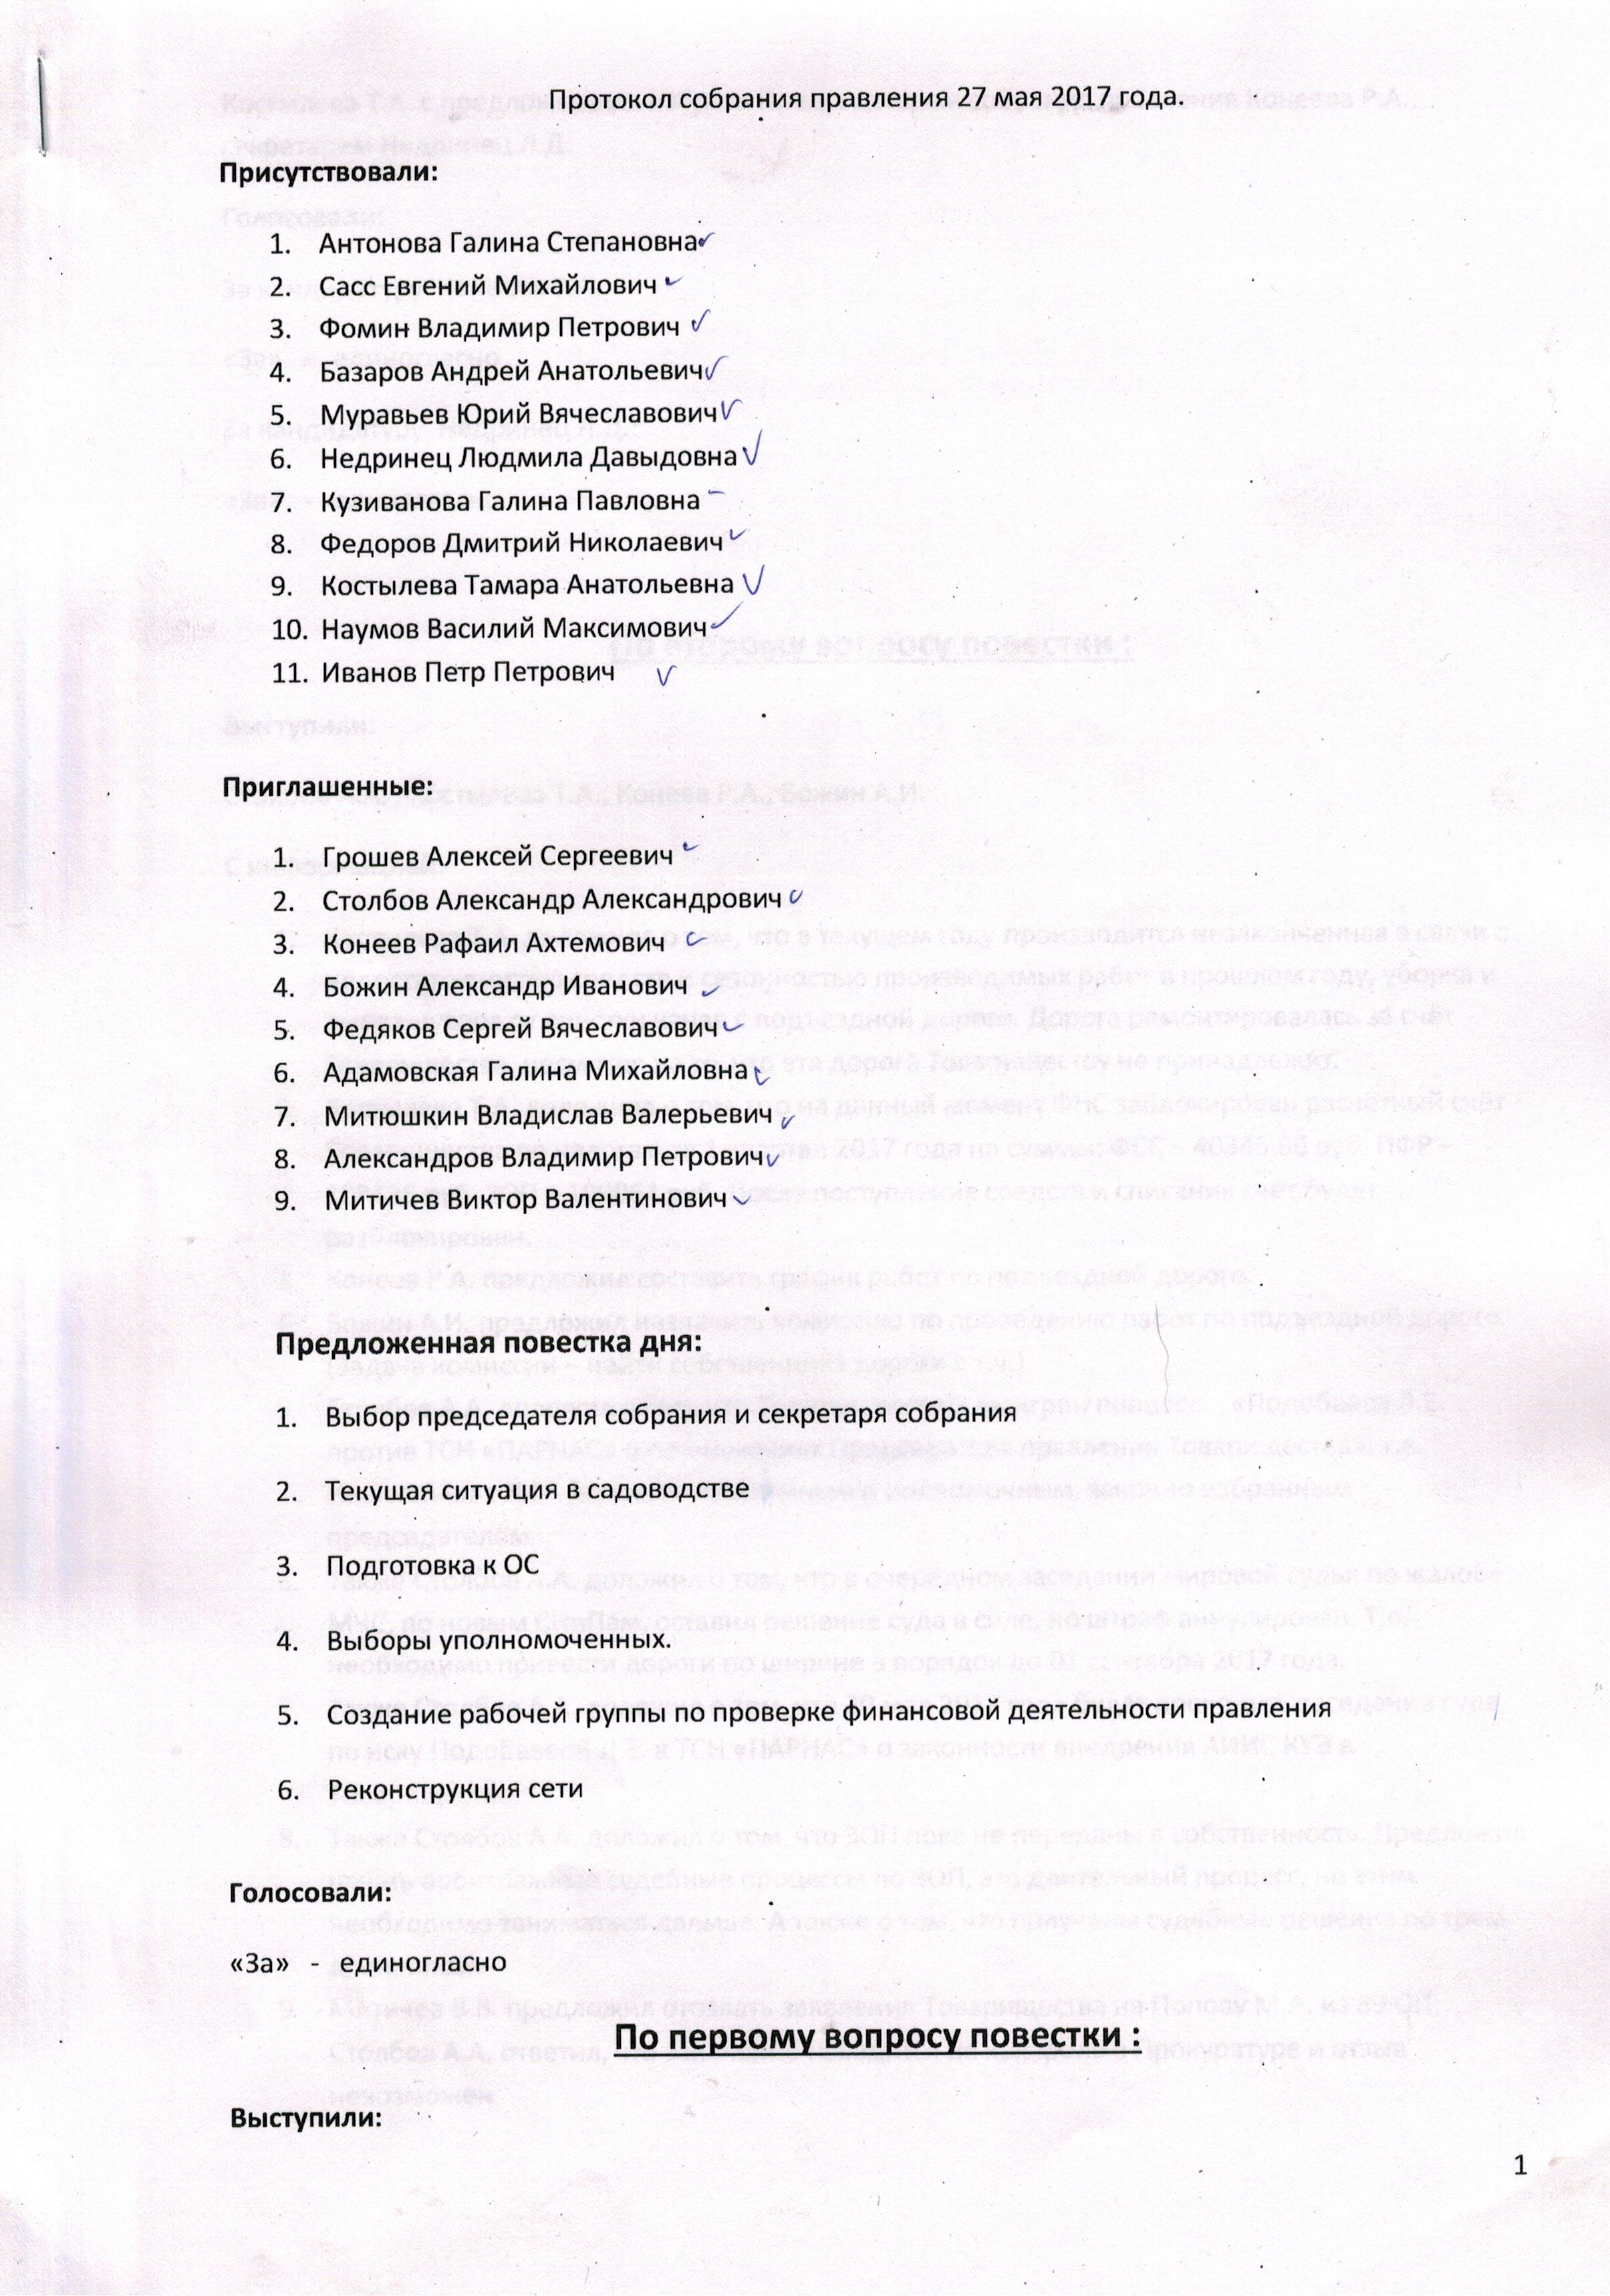 протокол заседания правления 27.05.2017